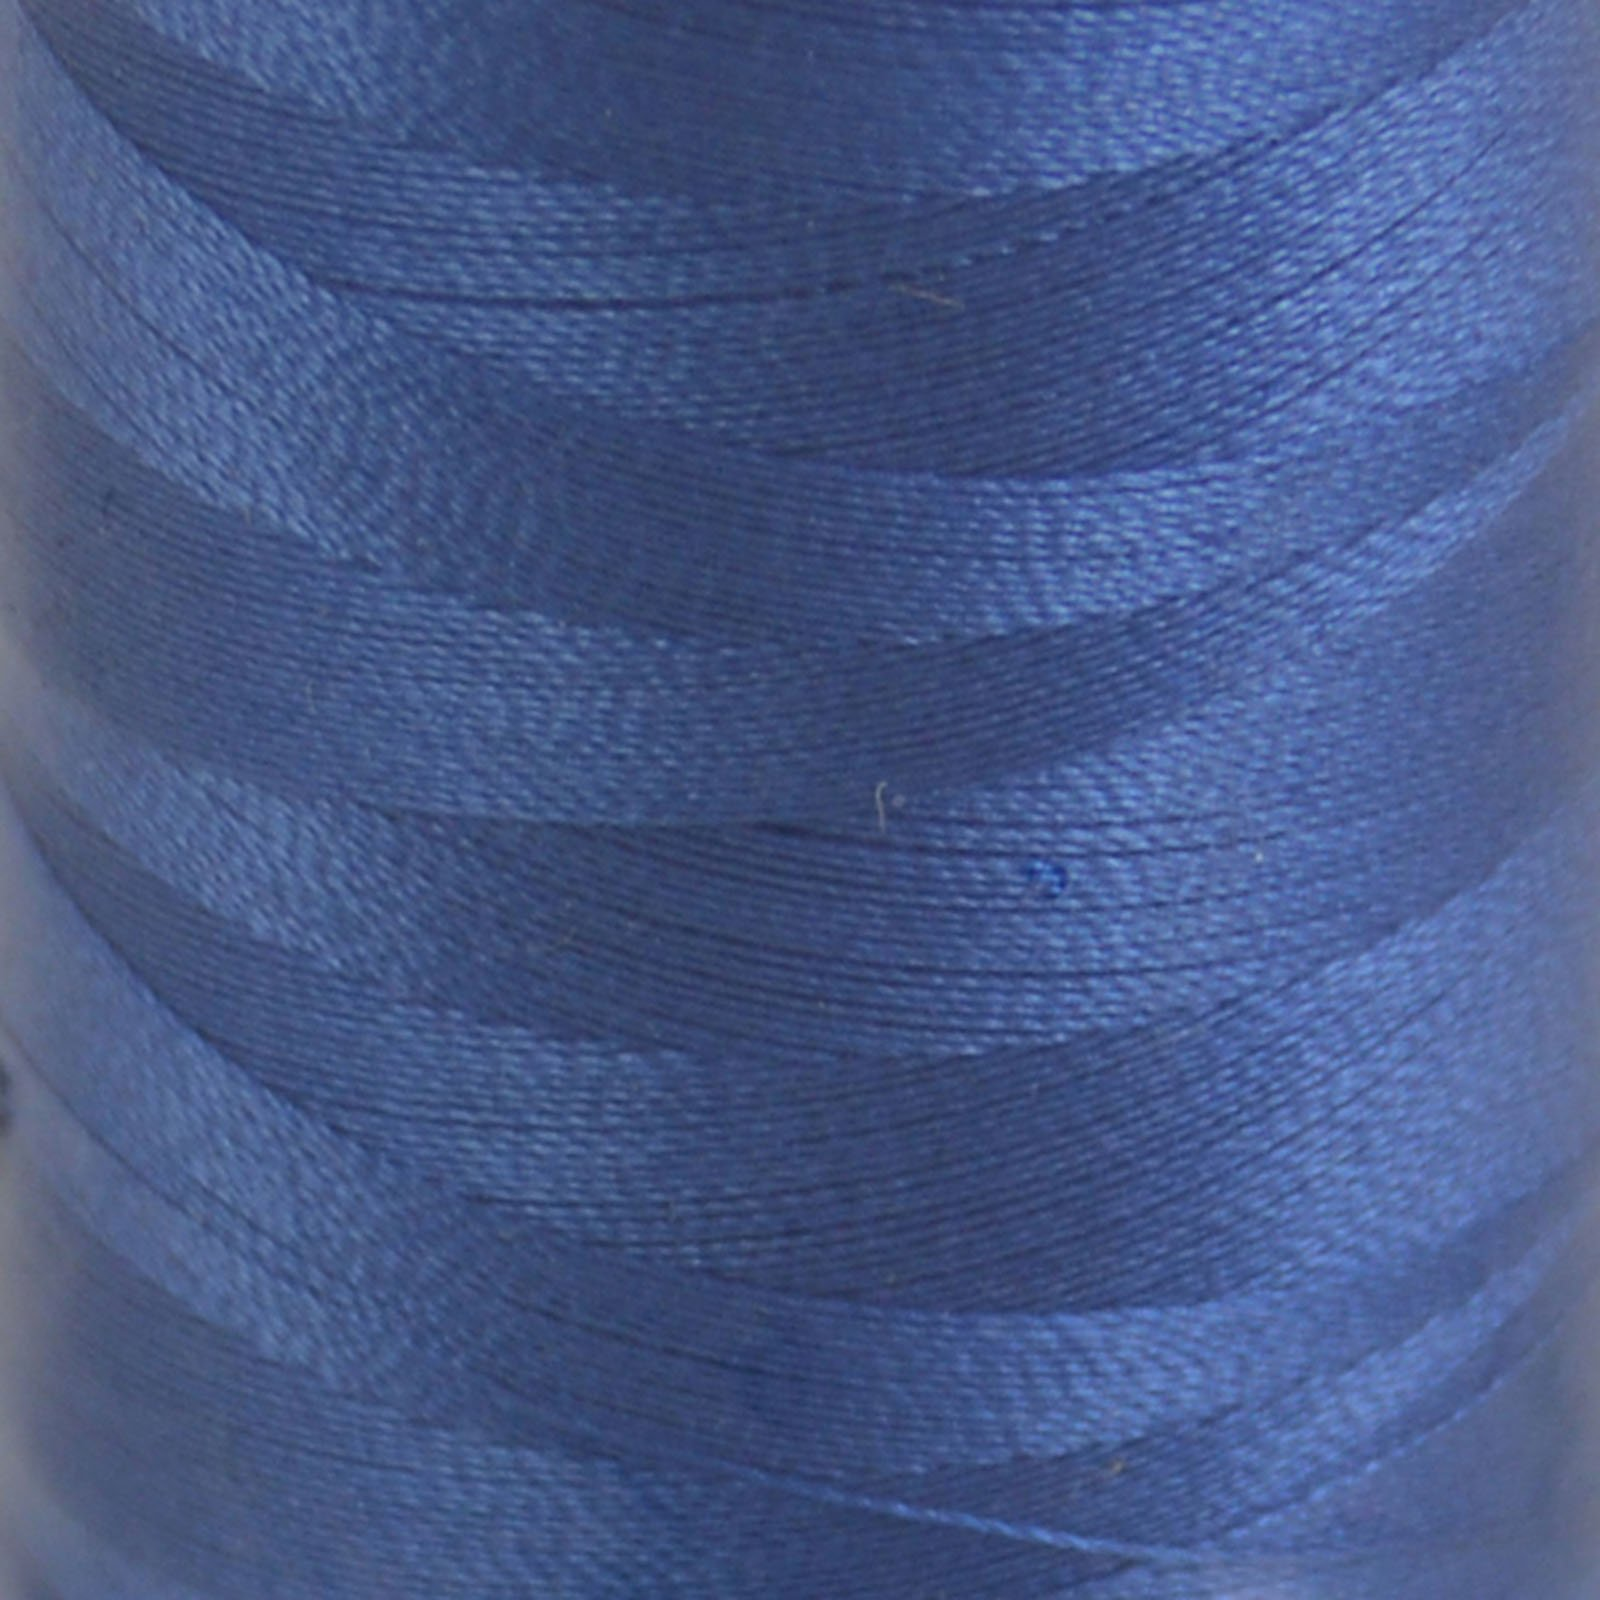 # 2730Delft Blue